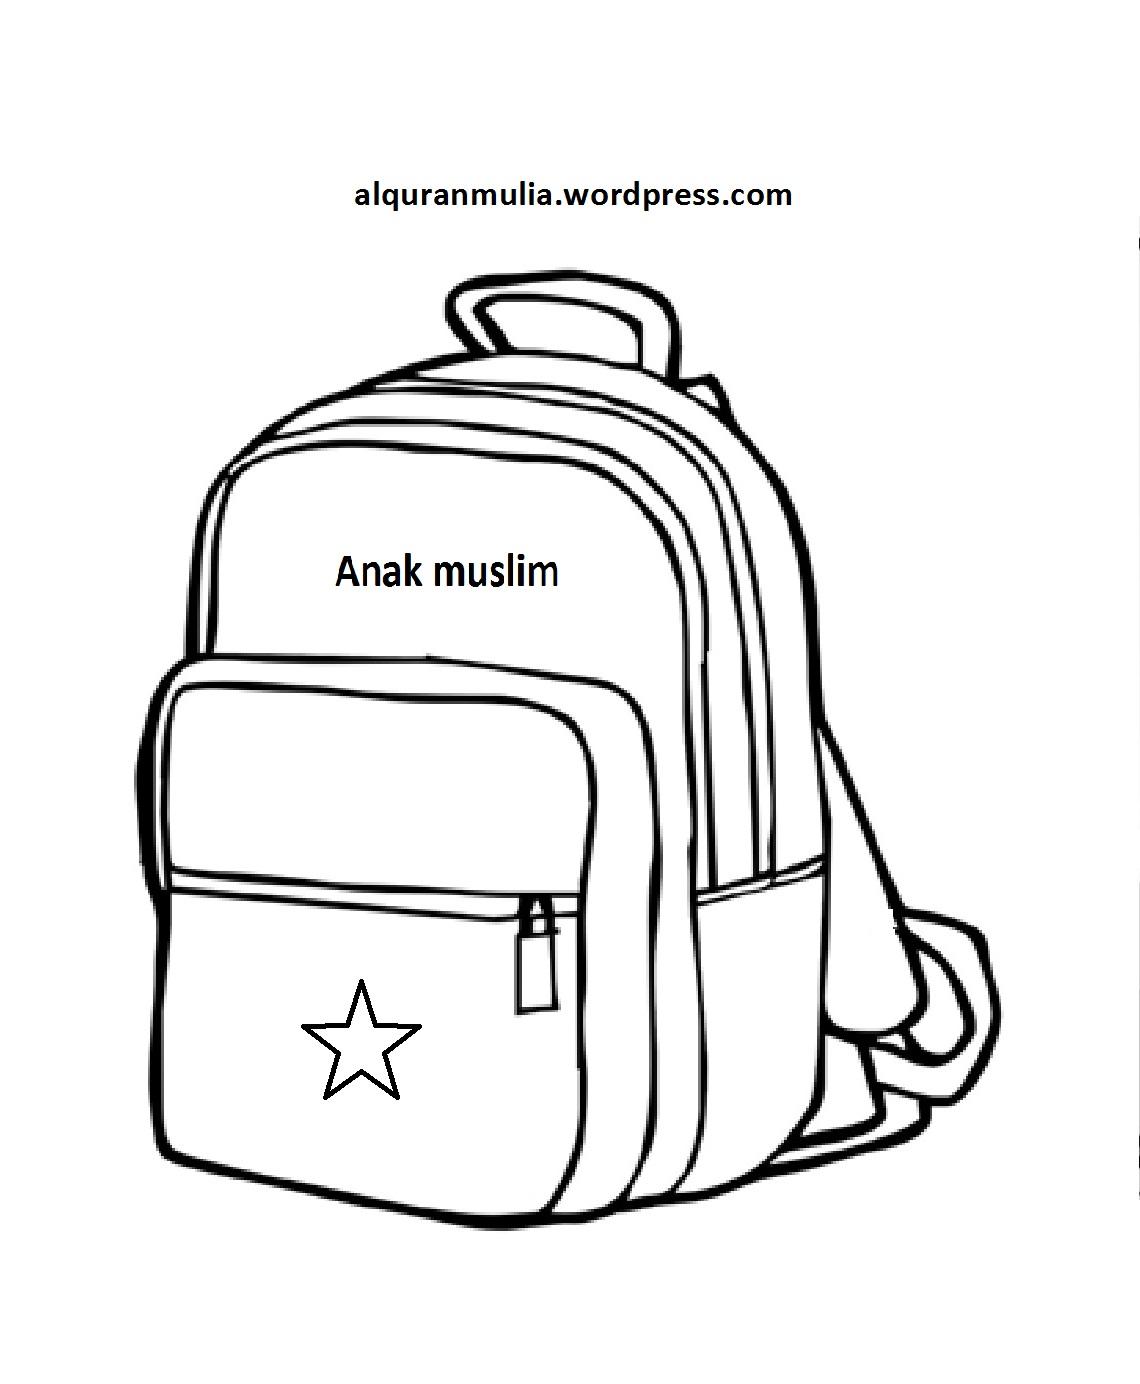 Mewarnai gambar tas anak muslim